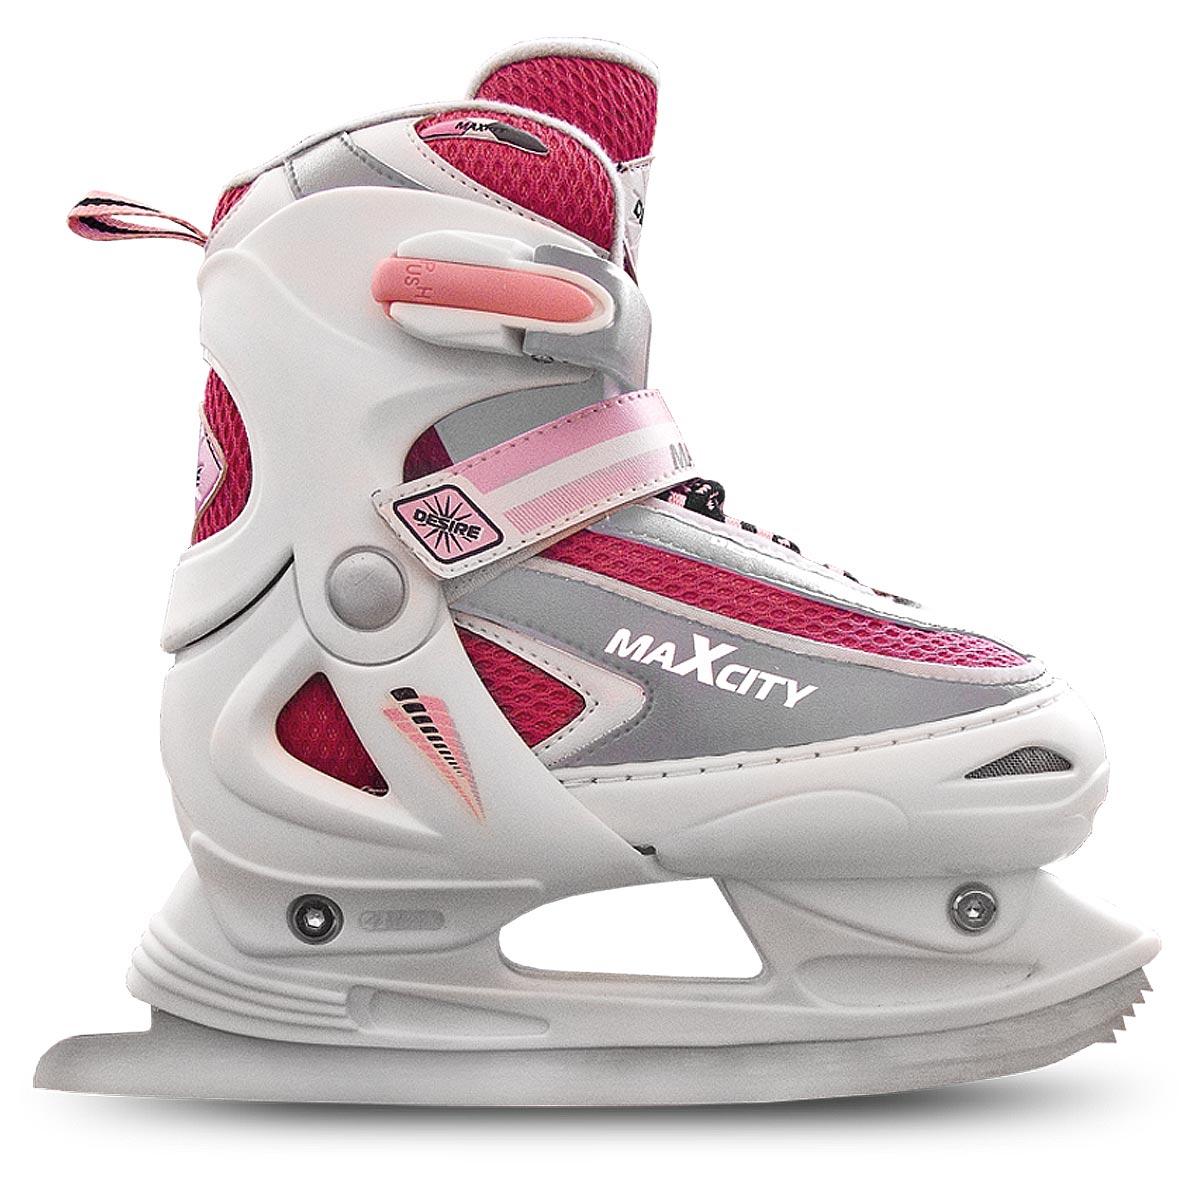 Коньки ледовые женские MaxCity Desire Girl, раздвижные, цвет: розовый, белый, серебряный. Размер 38/41